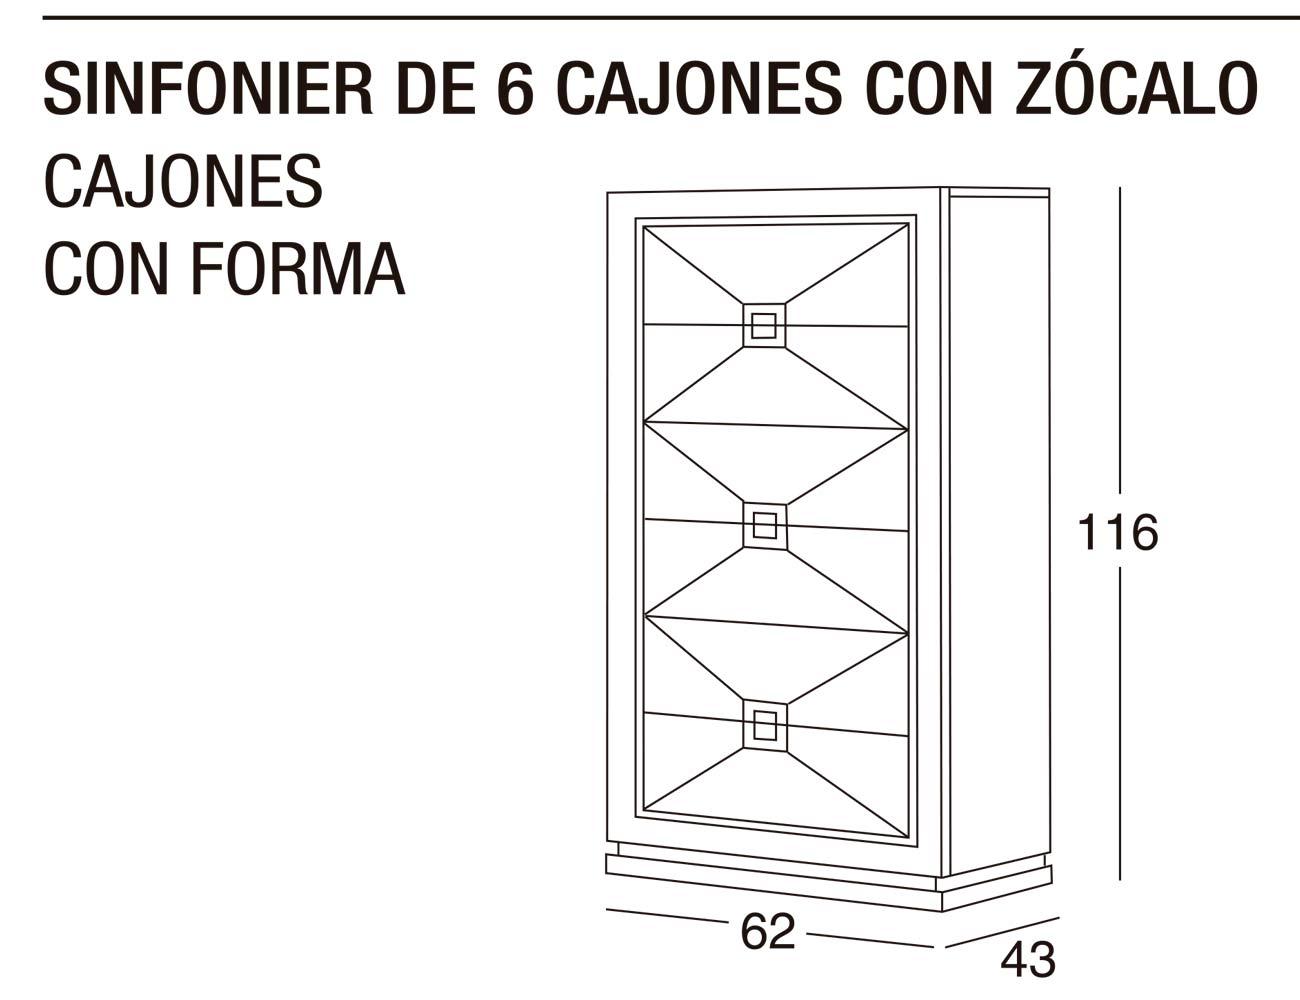 Sinfonier 6c z forma 62x116x43